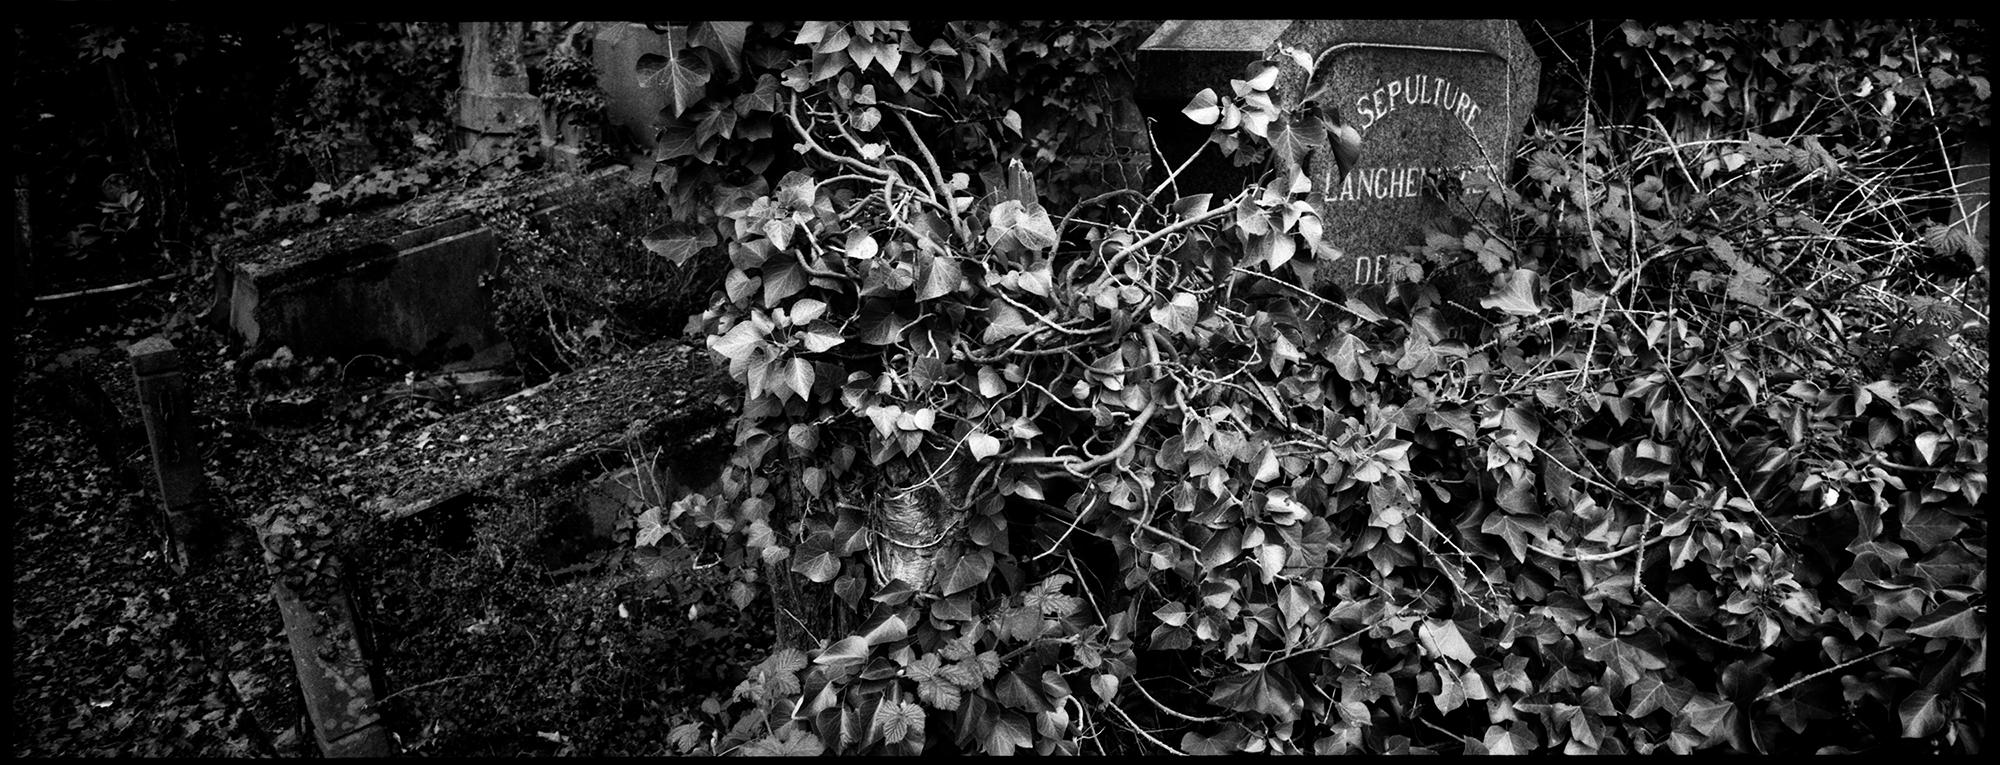 Dieweg Cemetery by Laurent Orseau #71